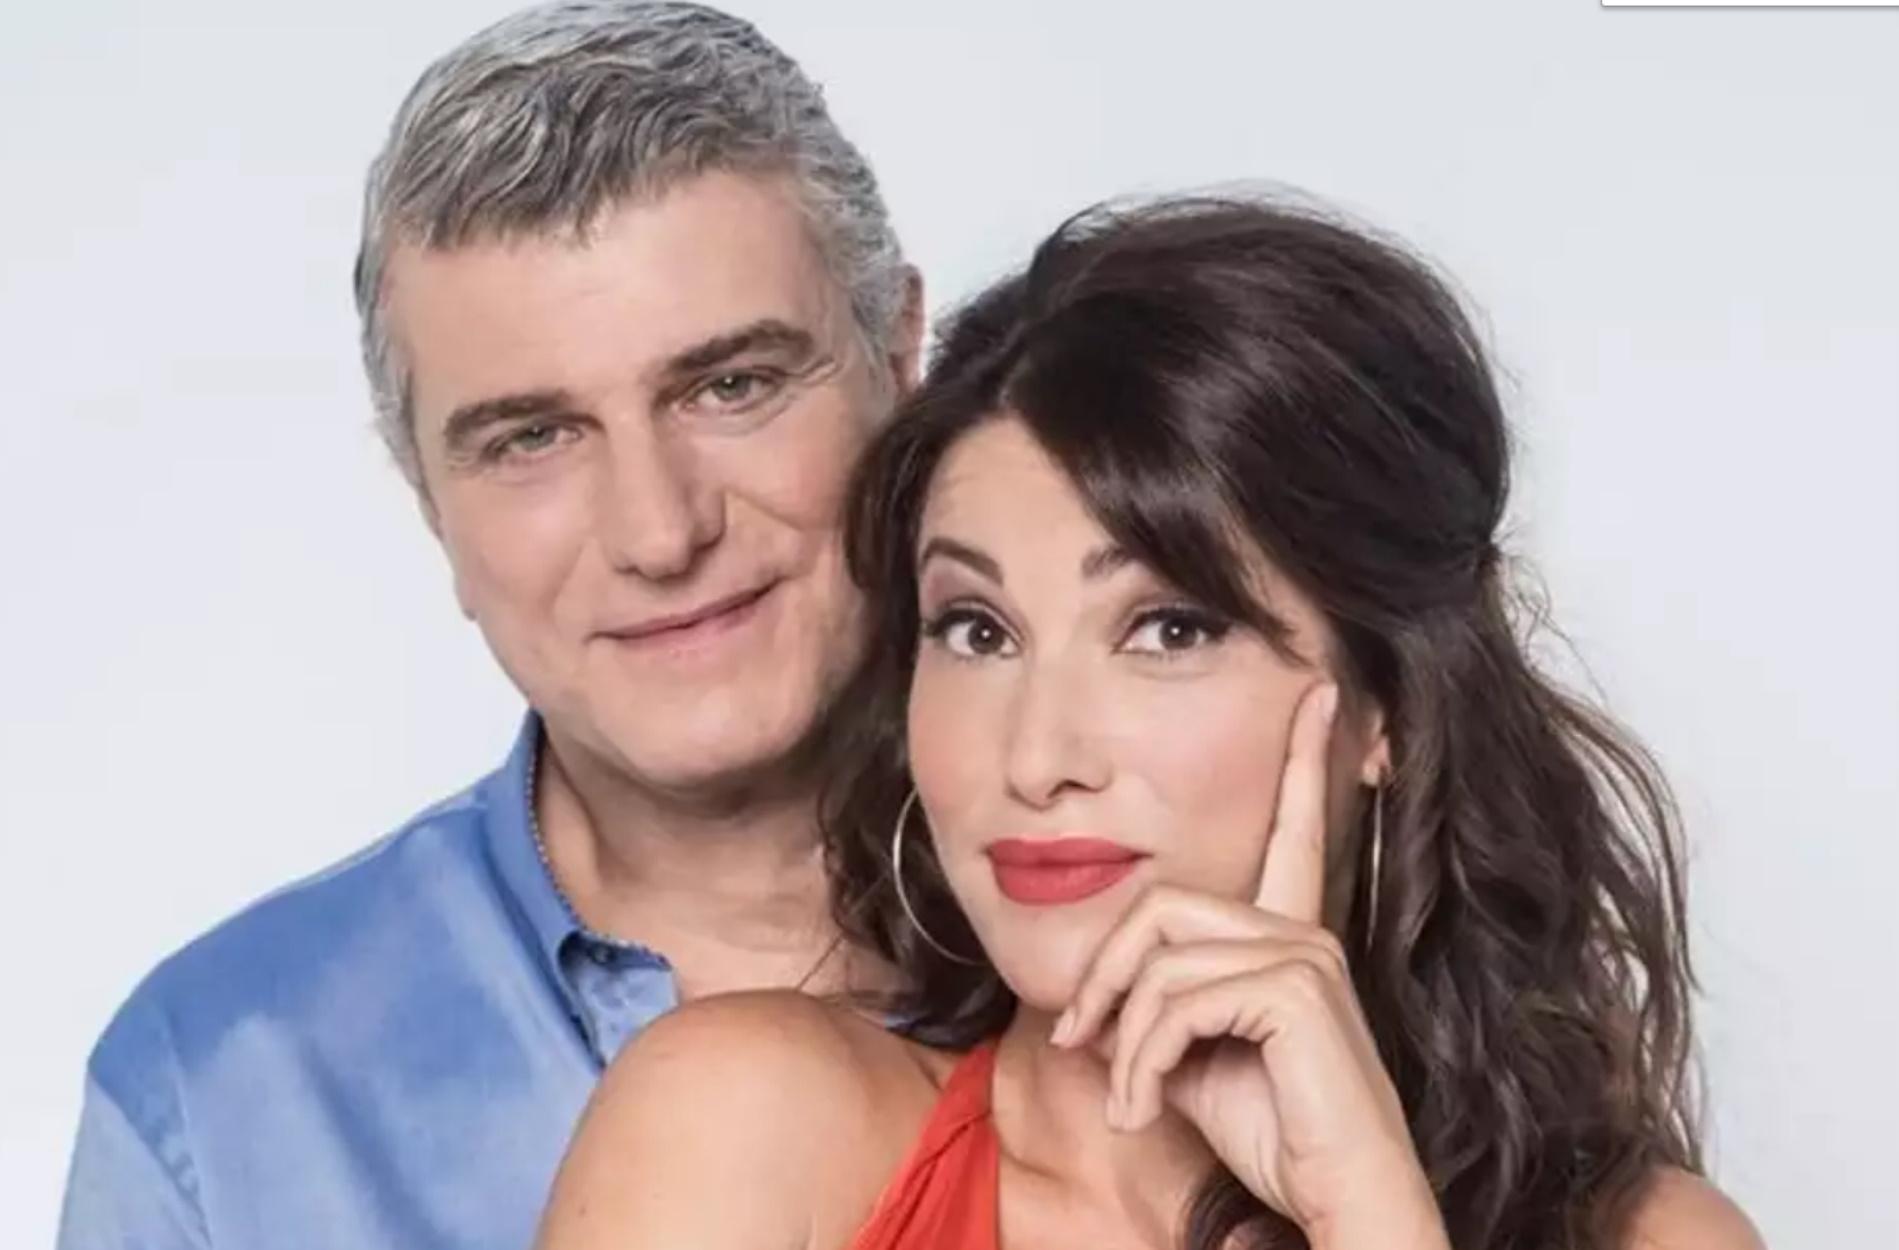 Ο Βλαδίμηρος Κυριακίδης και η Κλέλια Ρένεση χωρίζουν στη Μουρμούρα!